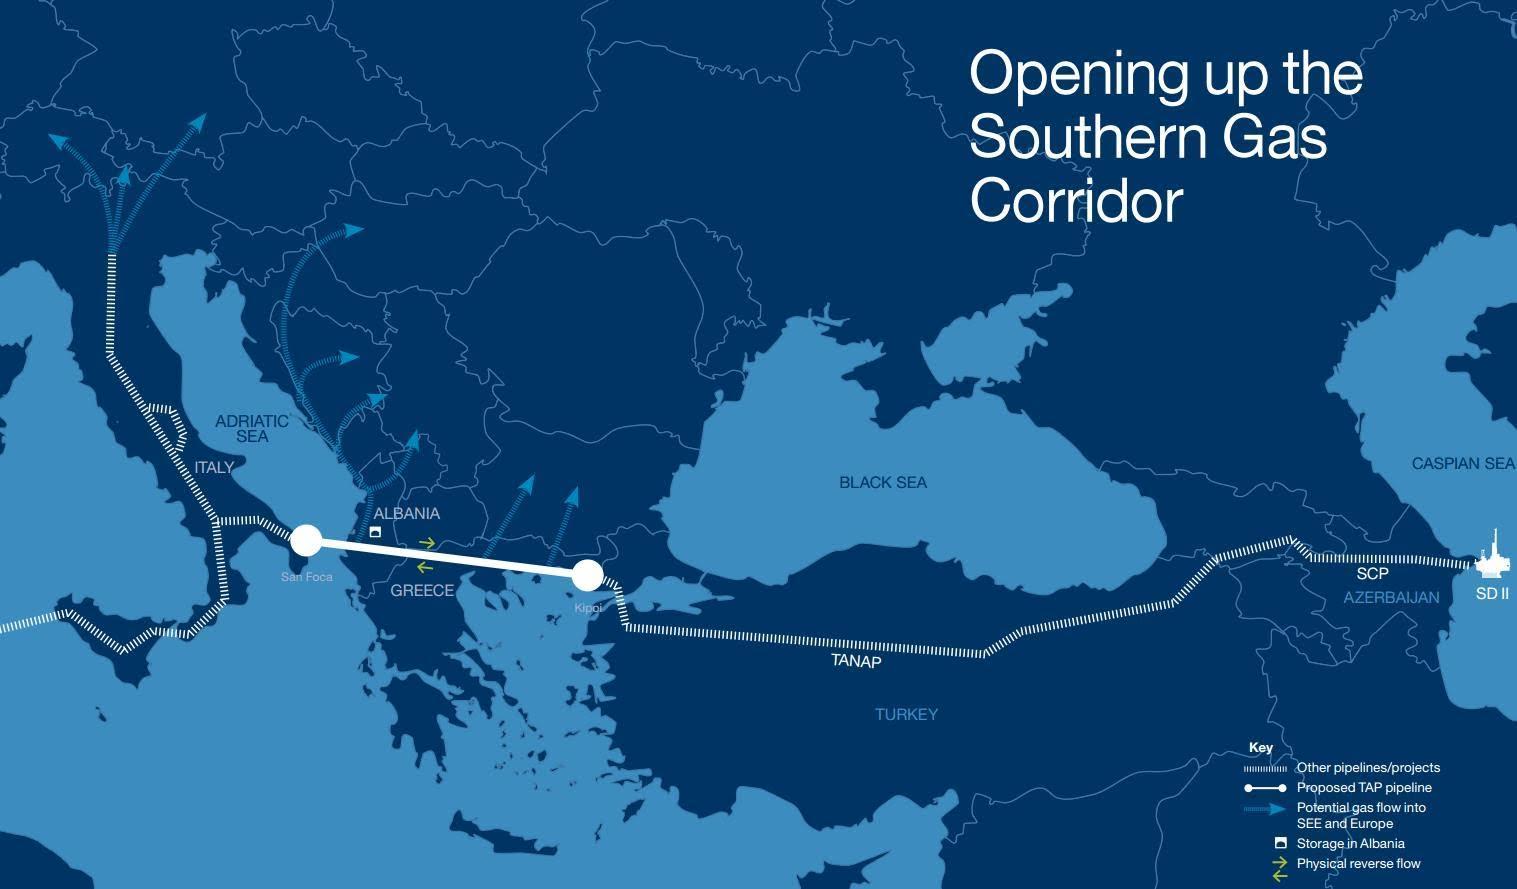 Έτοιμο το Αζερμπαϊτζάν να συμπεριλάβει τα Βαλκάνια στον Νότιο Διάδρομο